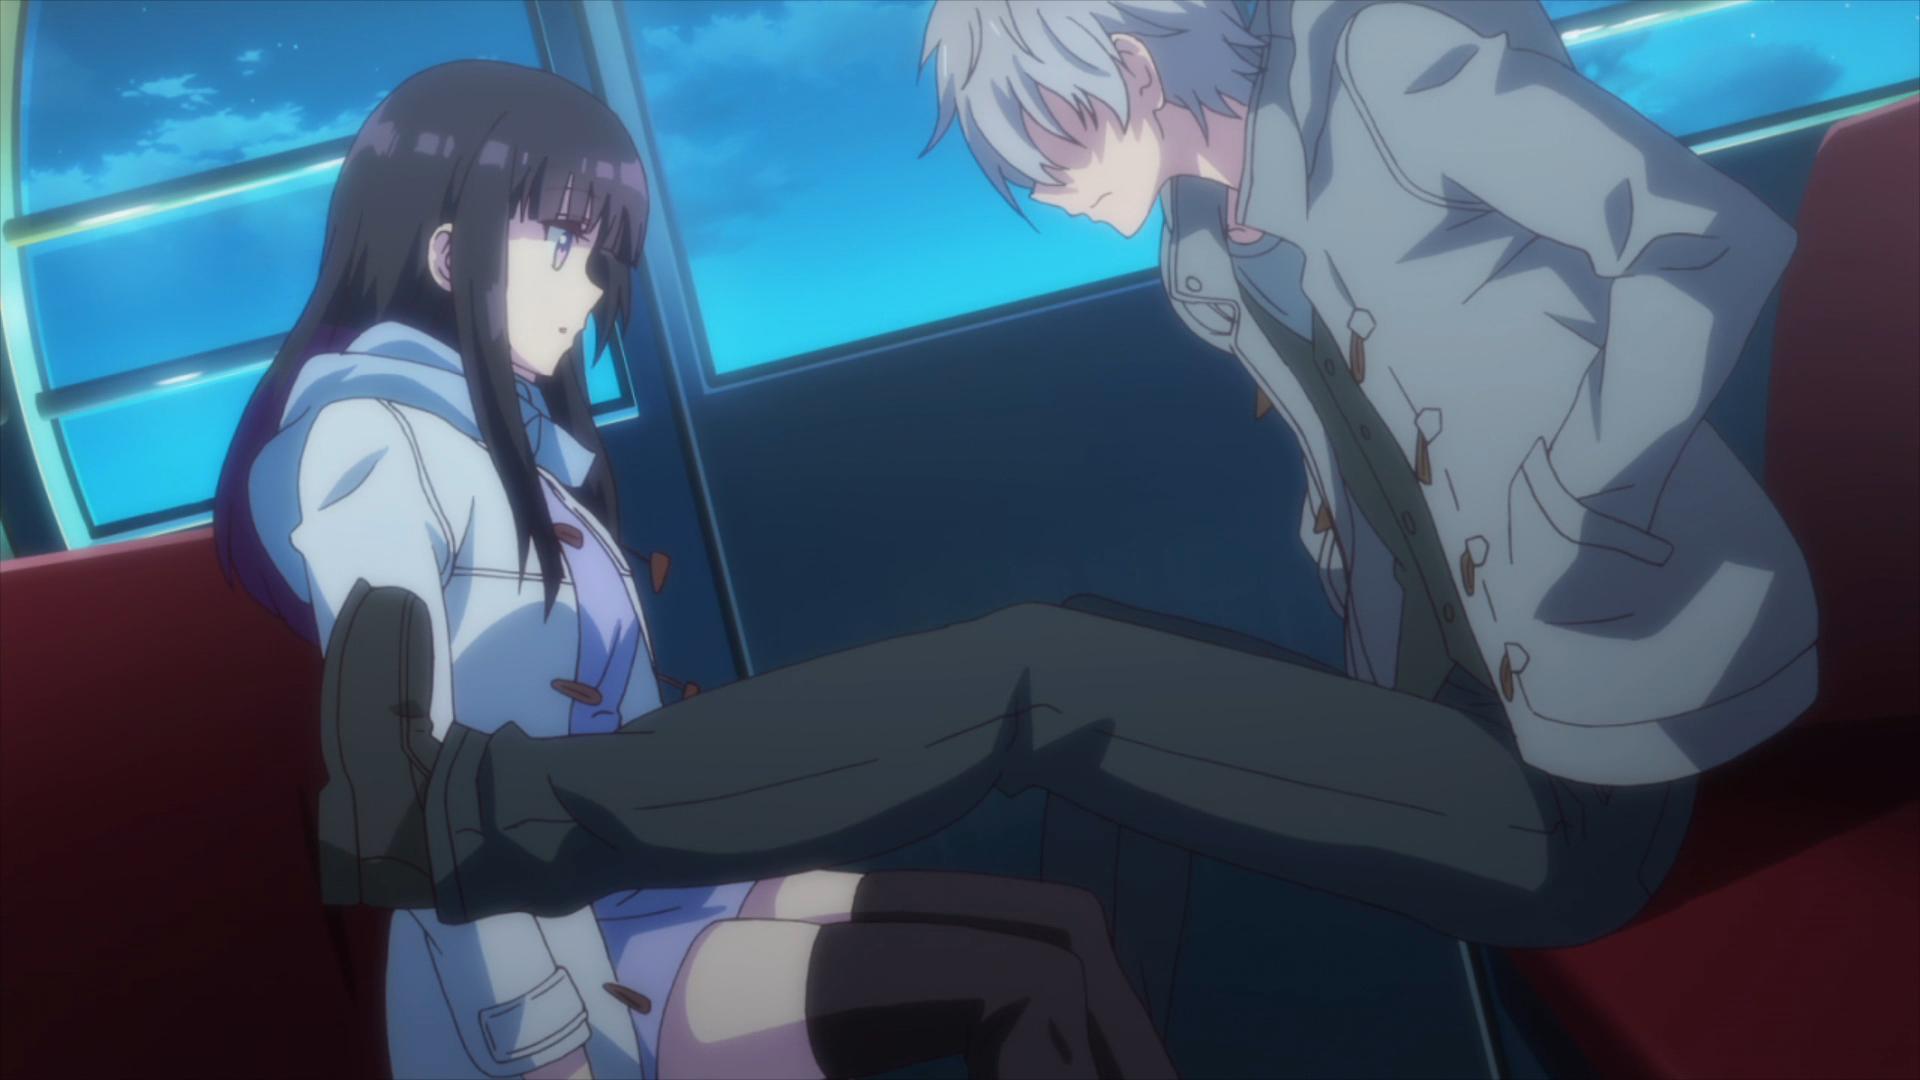 Anime hentai giant dick